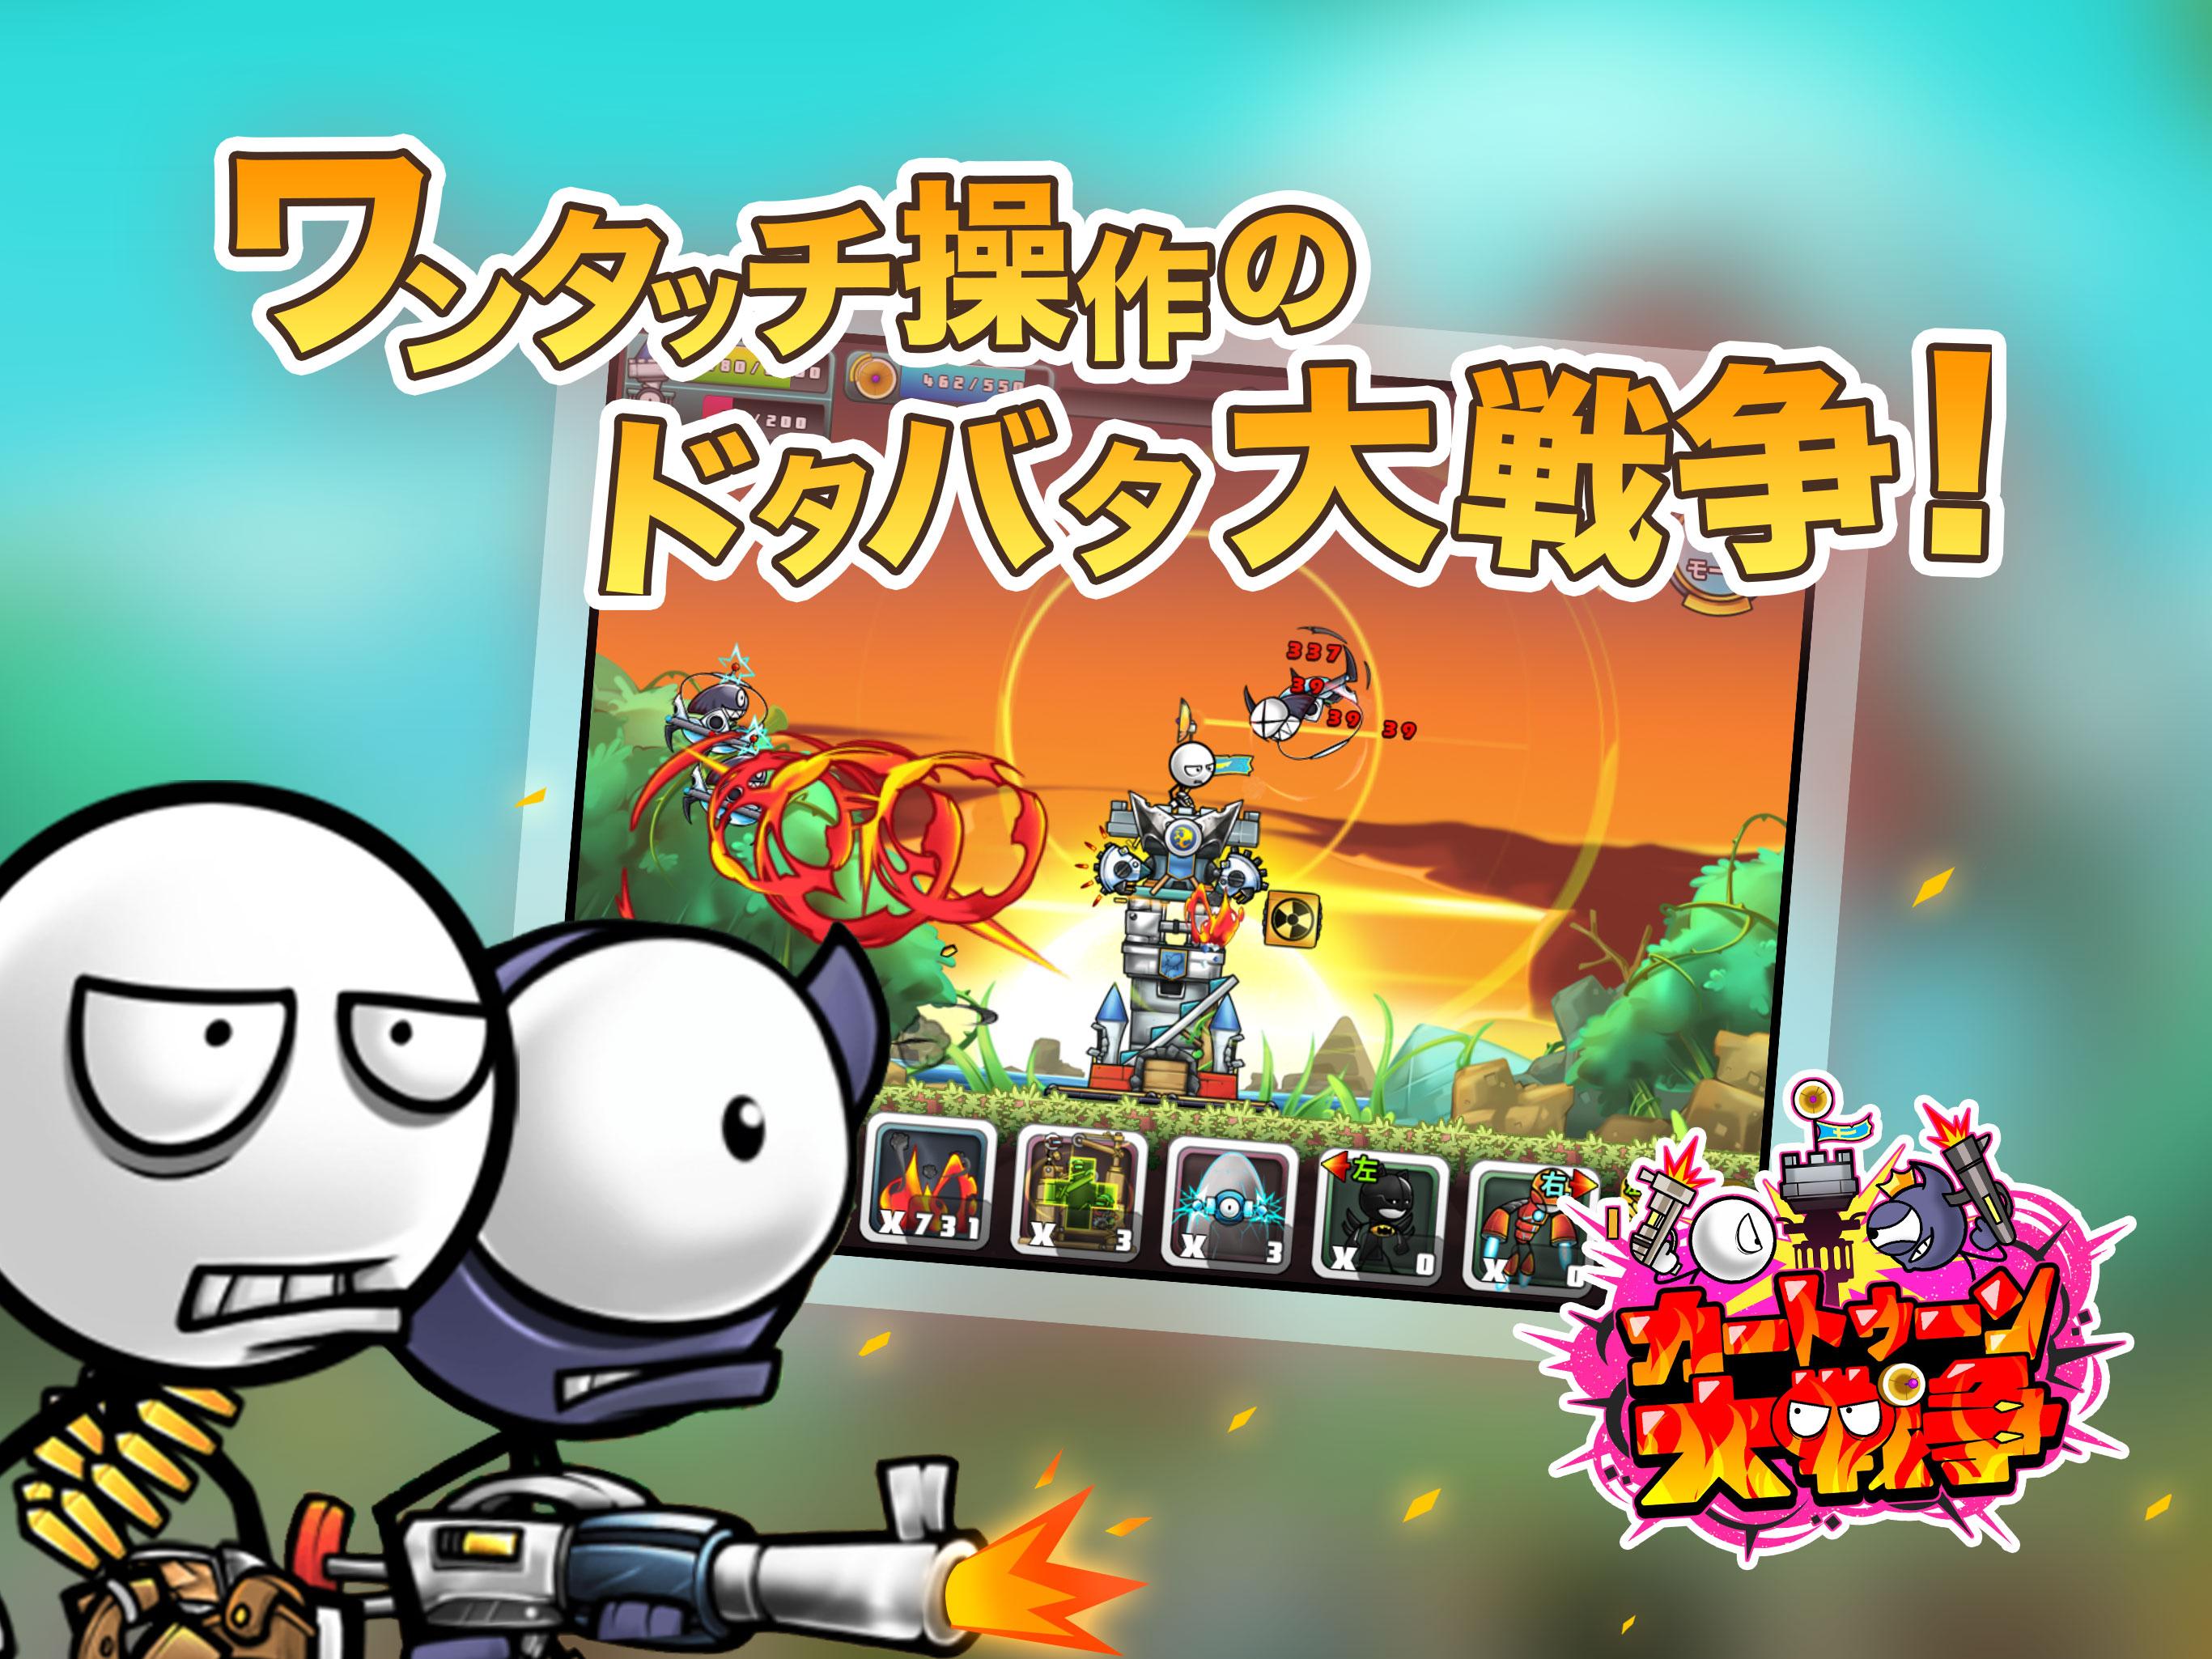 『 カートゥーン大戦争(邦題)/CARTOON DUEL(英題) 』iOS、Android対応カジュアルゲーム、10月26日(月)サービス開始!